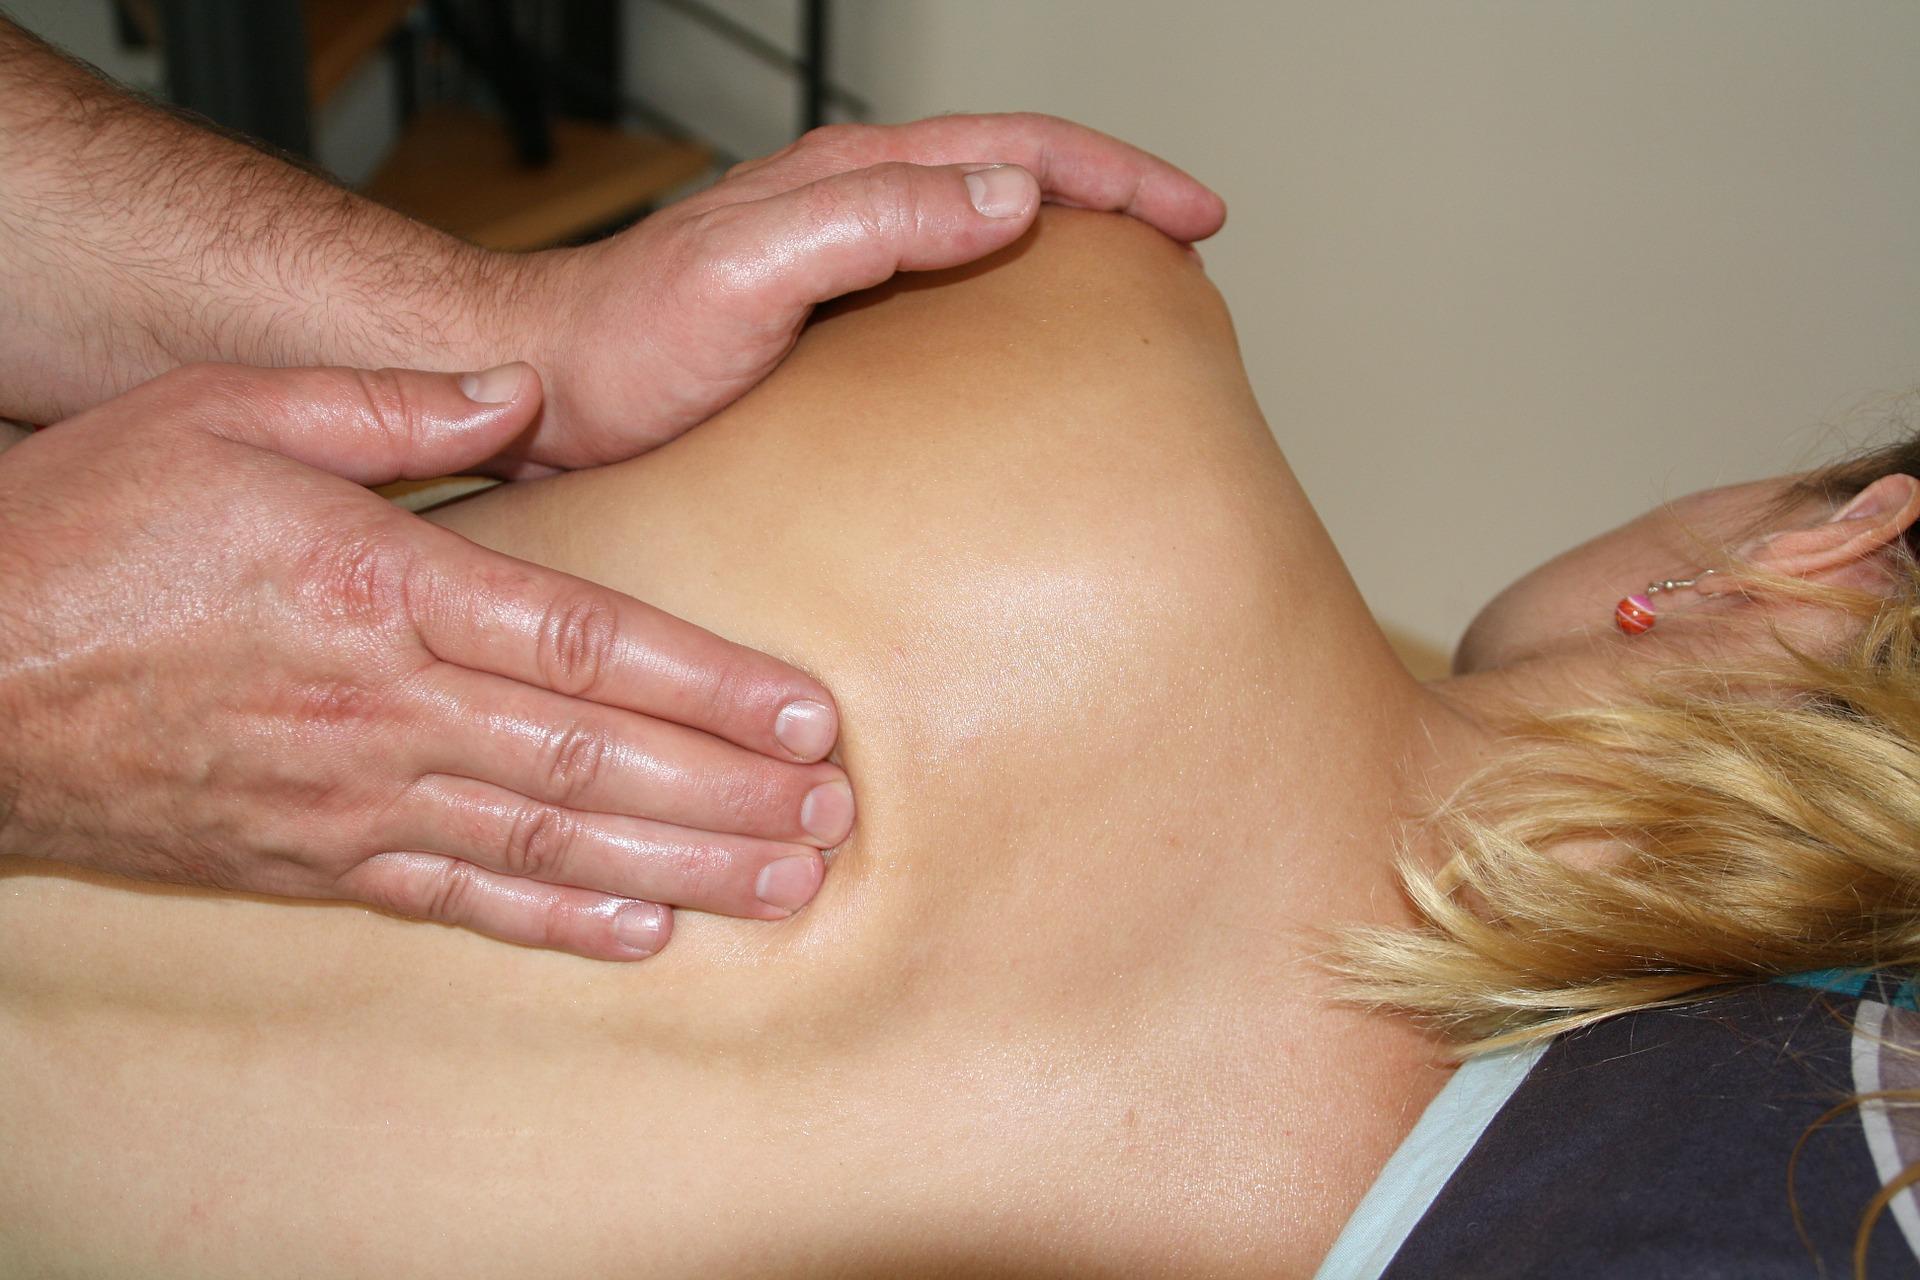 massage-486700_1920